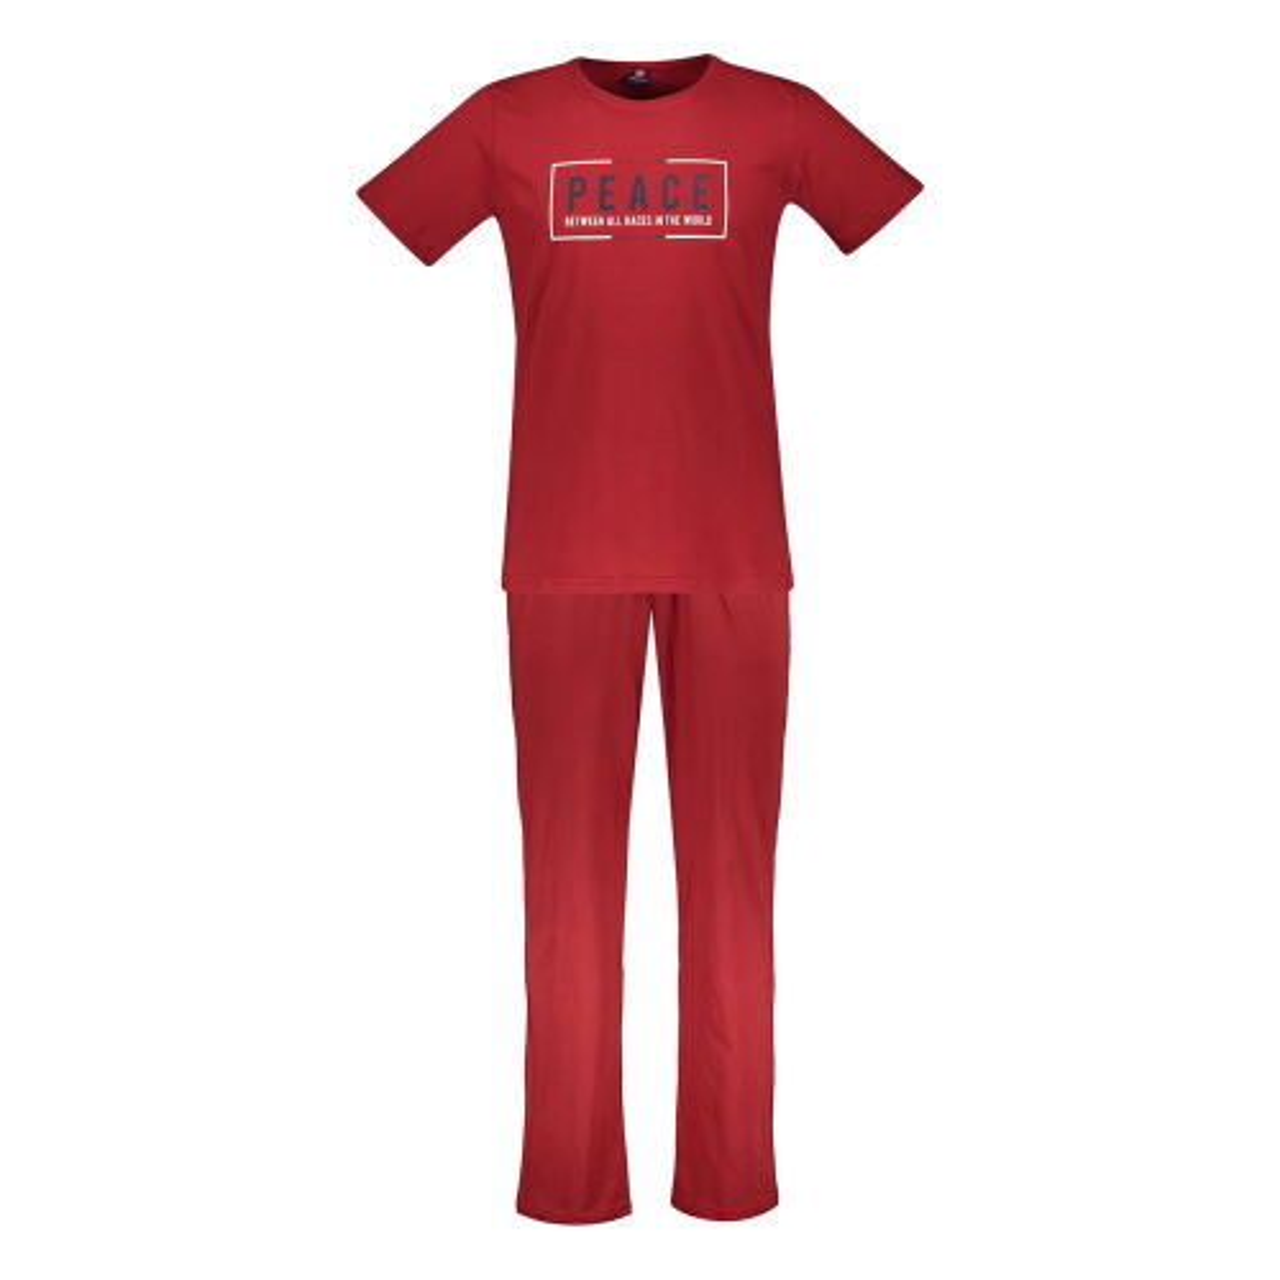 ست تی شرت و شلوار مردانه جامه پوش آرا مدل 4031016455-72